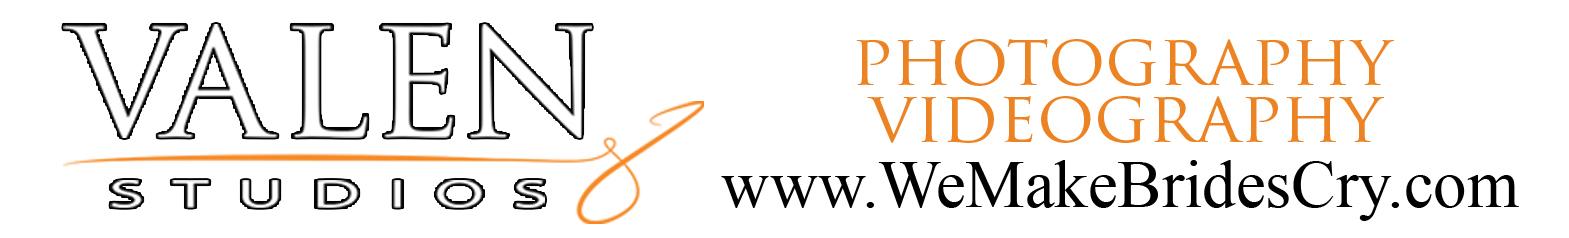 logo VALEN logo small size